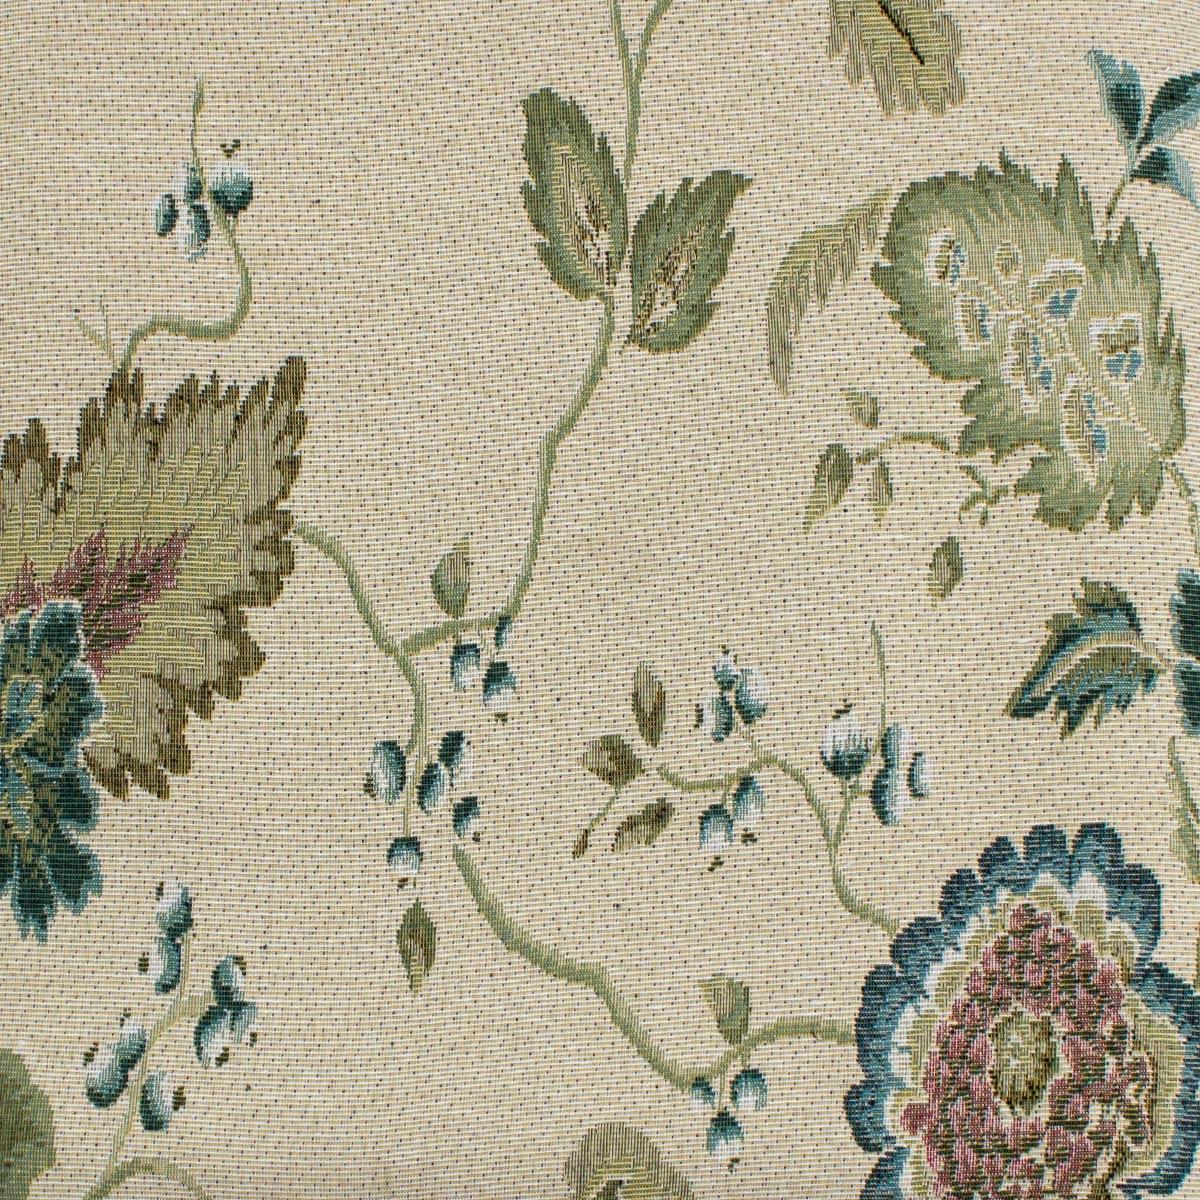 Tessuti Arredamento Per Divani tessuto arredo fantasia floreale tappezzeria copritavola divano cuscino  giosal